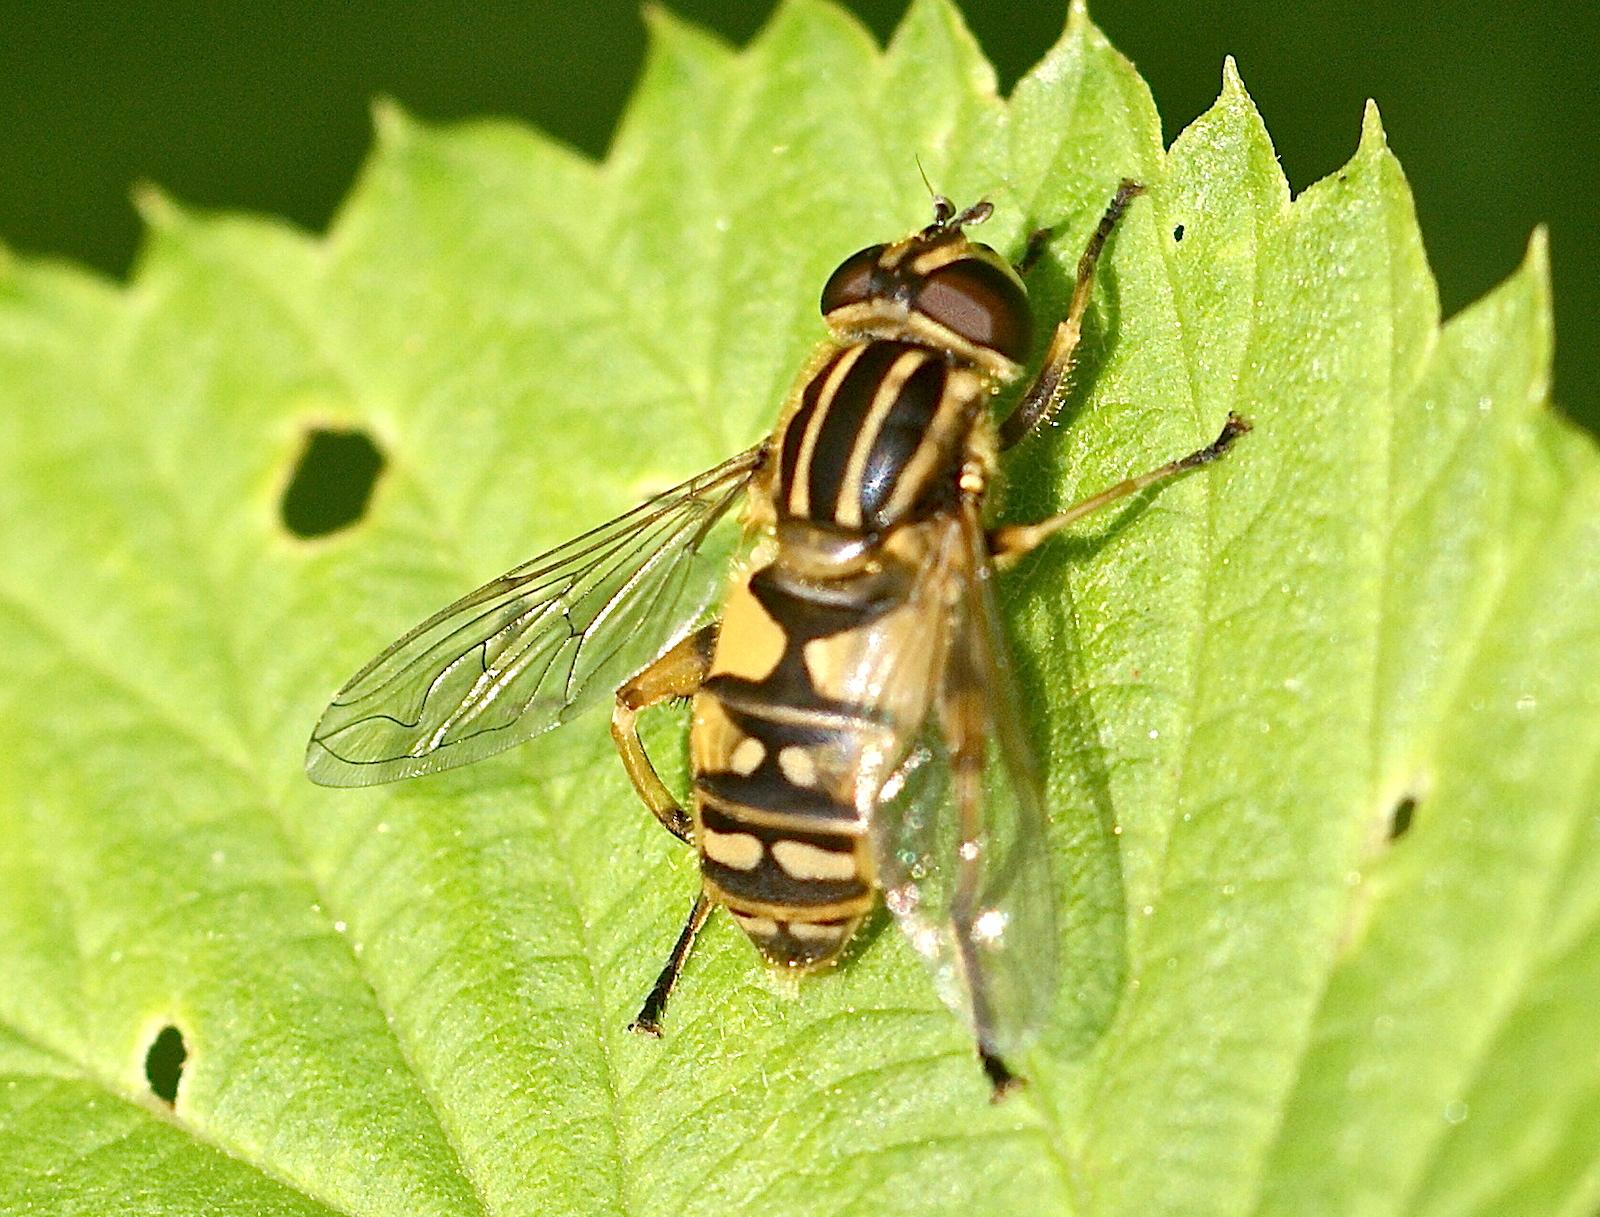 Les insectes l 39 abdomen jaune et noir quel est cet animal - Mouche jaune et noire ...